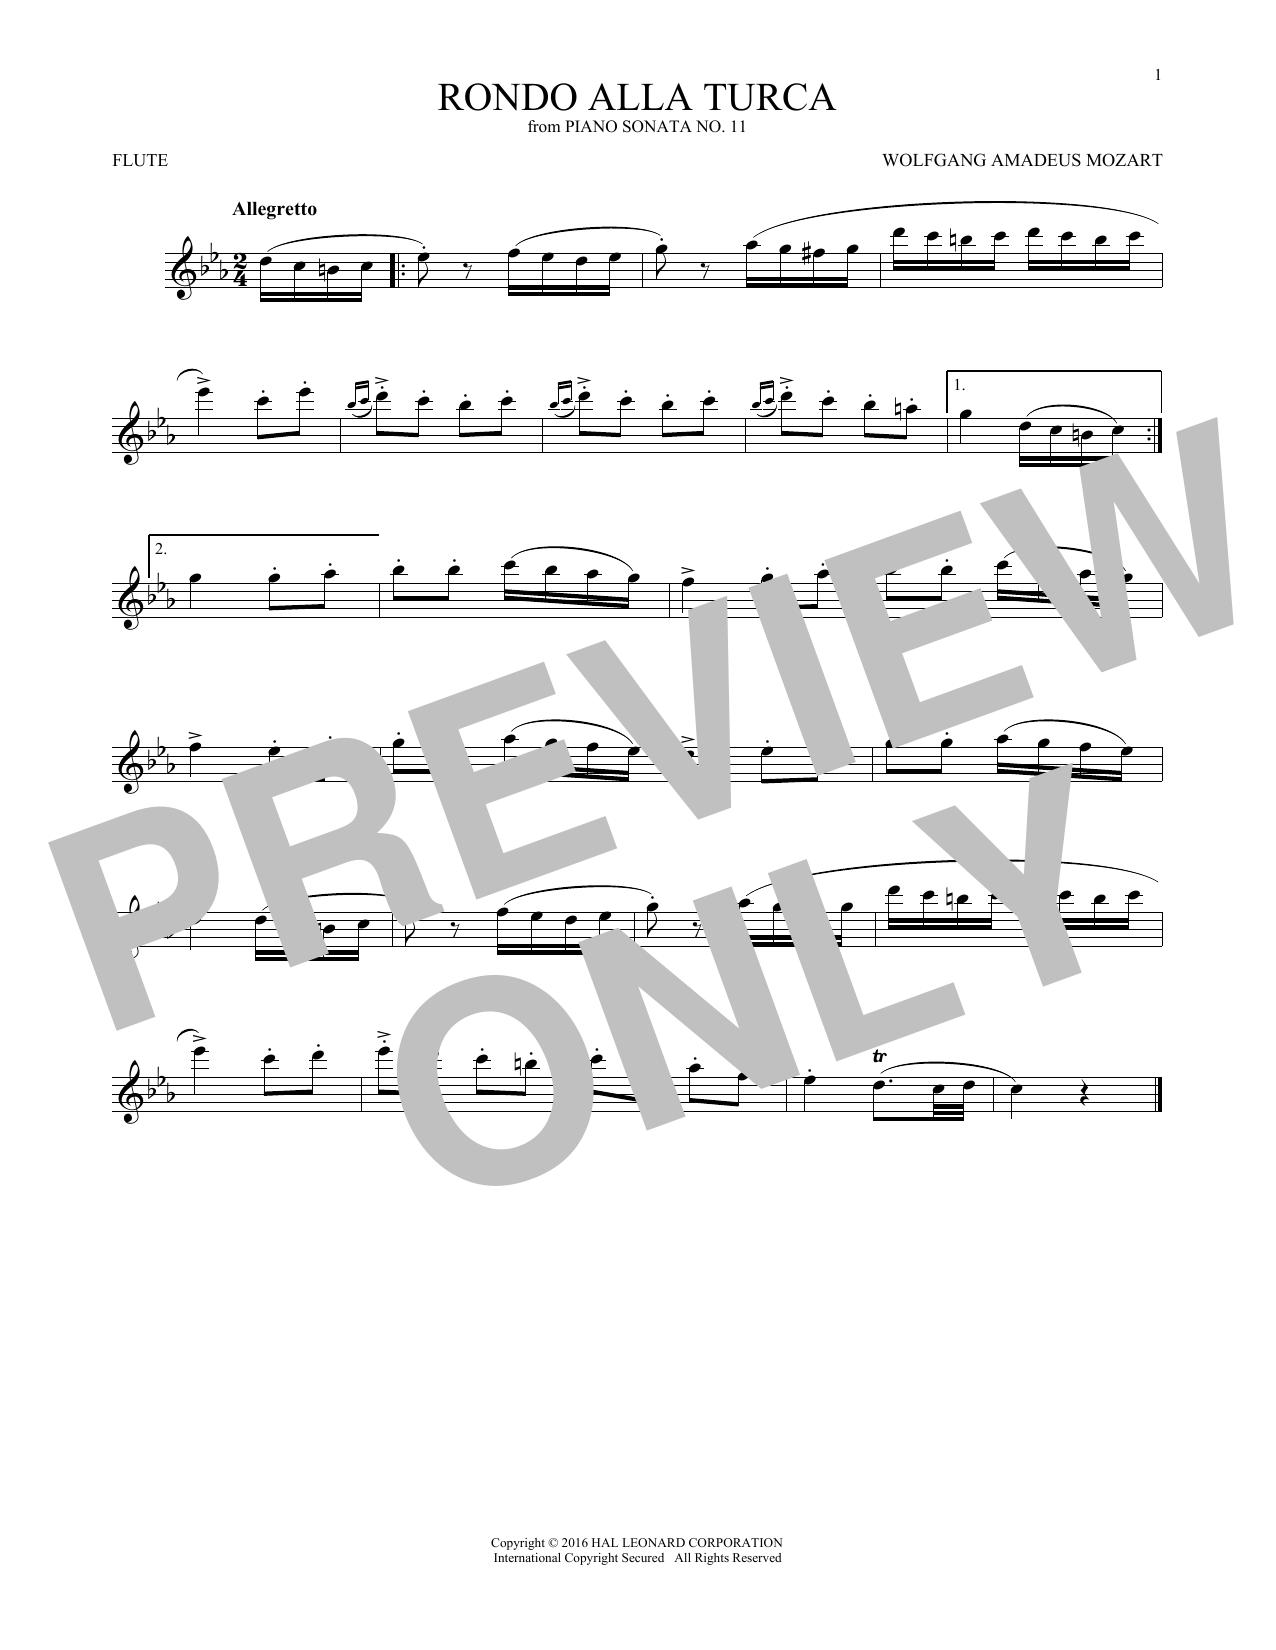 Rondo Alla Turca (Flute Solo)